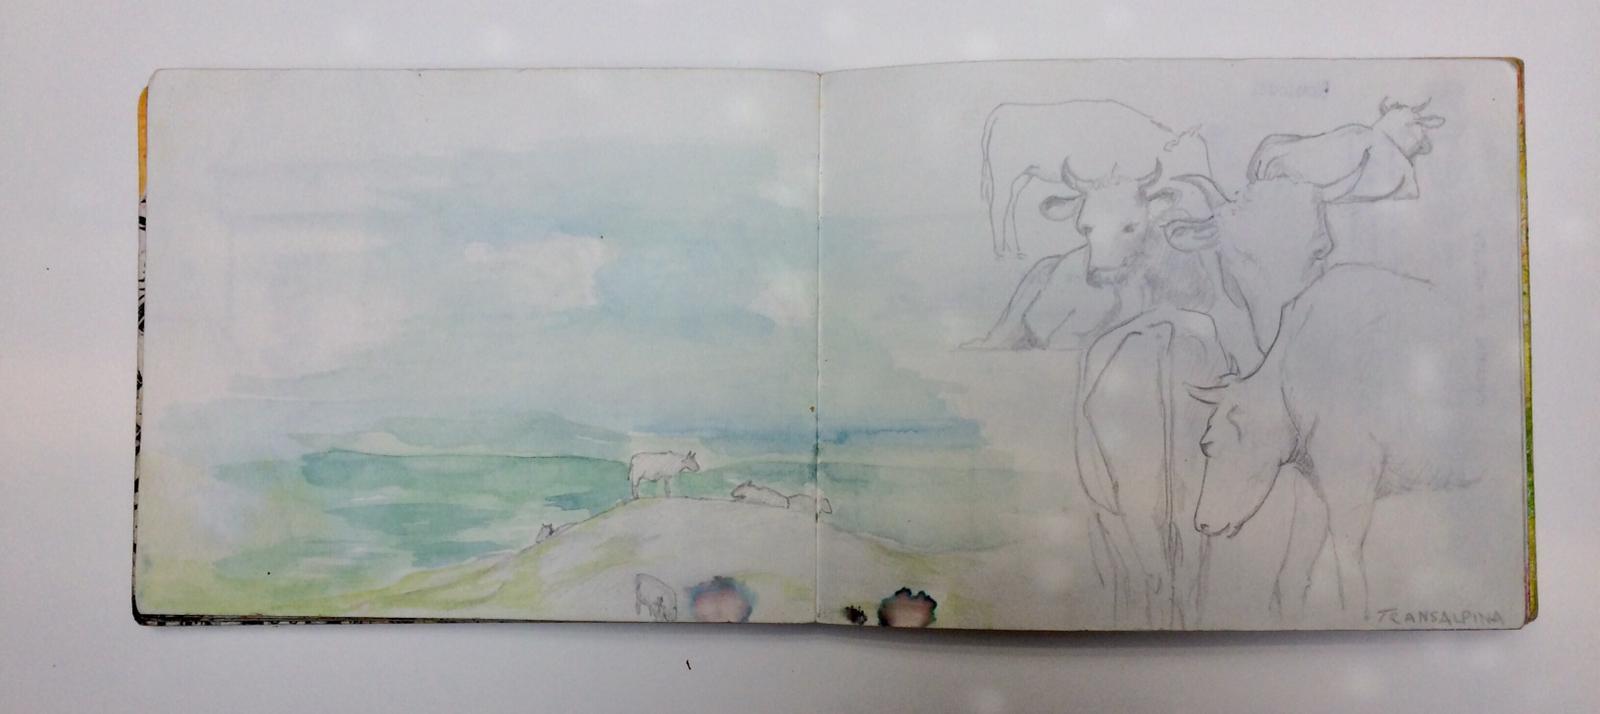 werkstatt-eden-lis-werner-illustration-skizzenbuch3